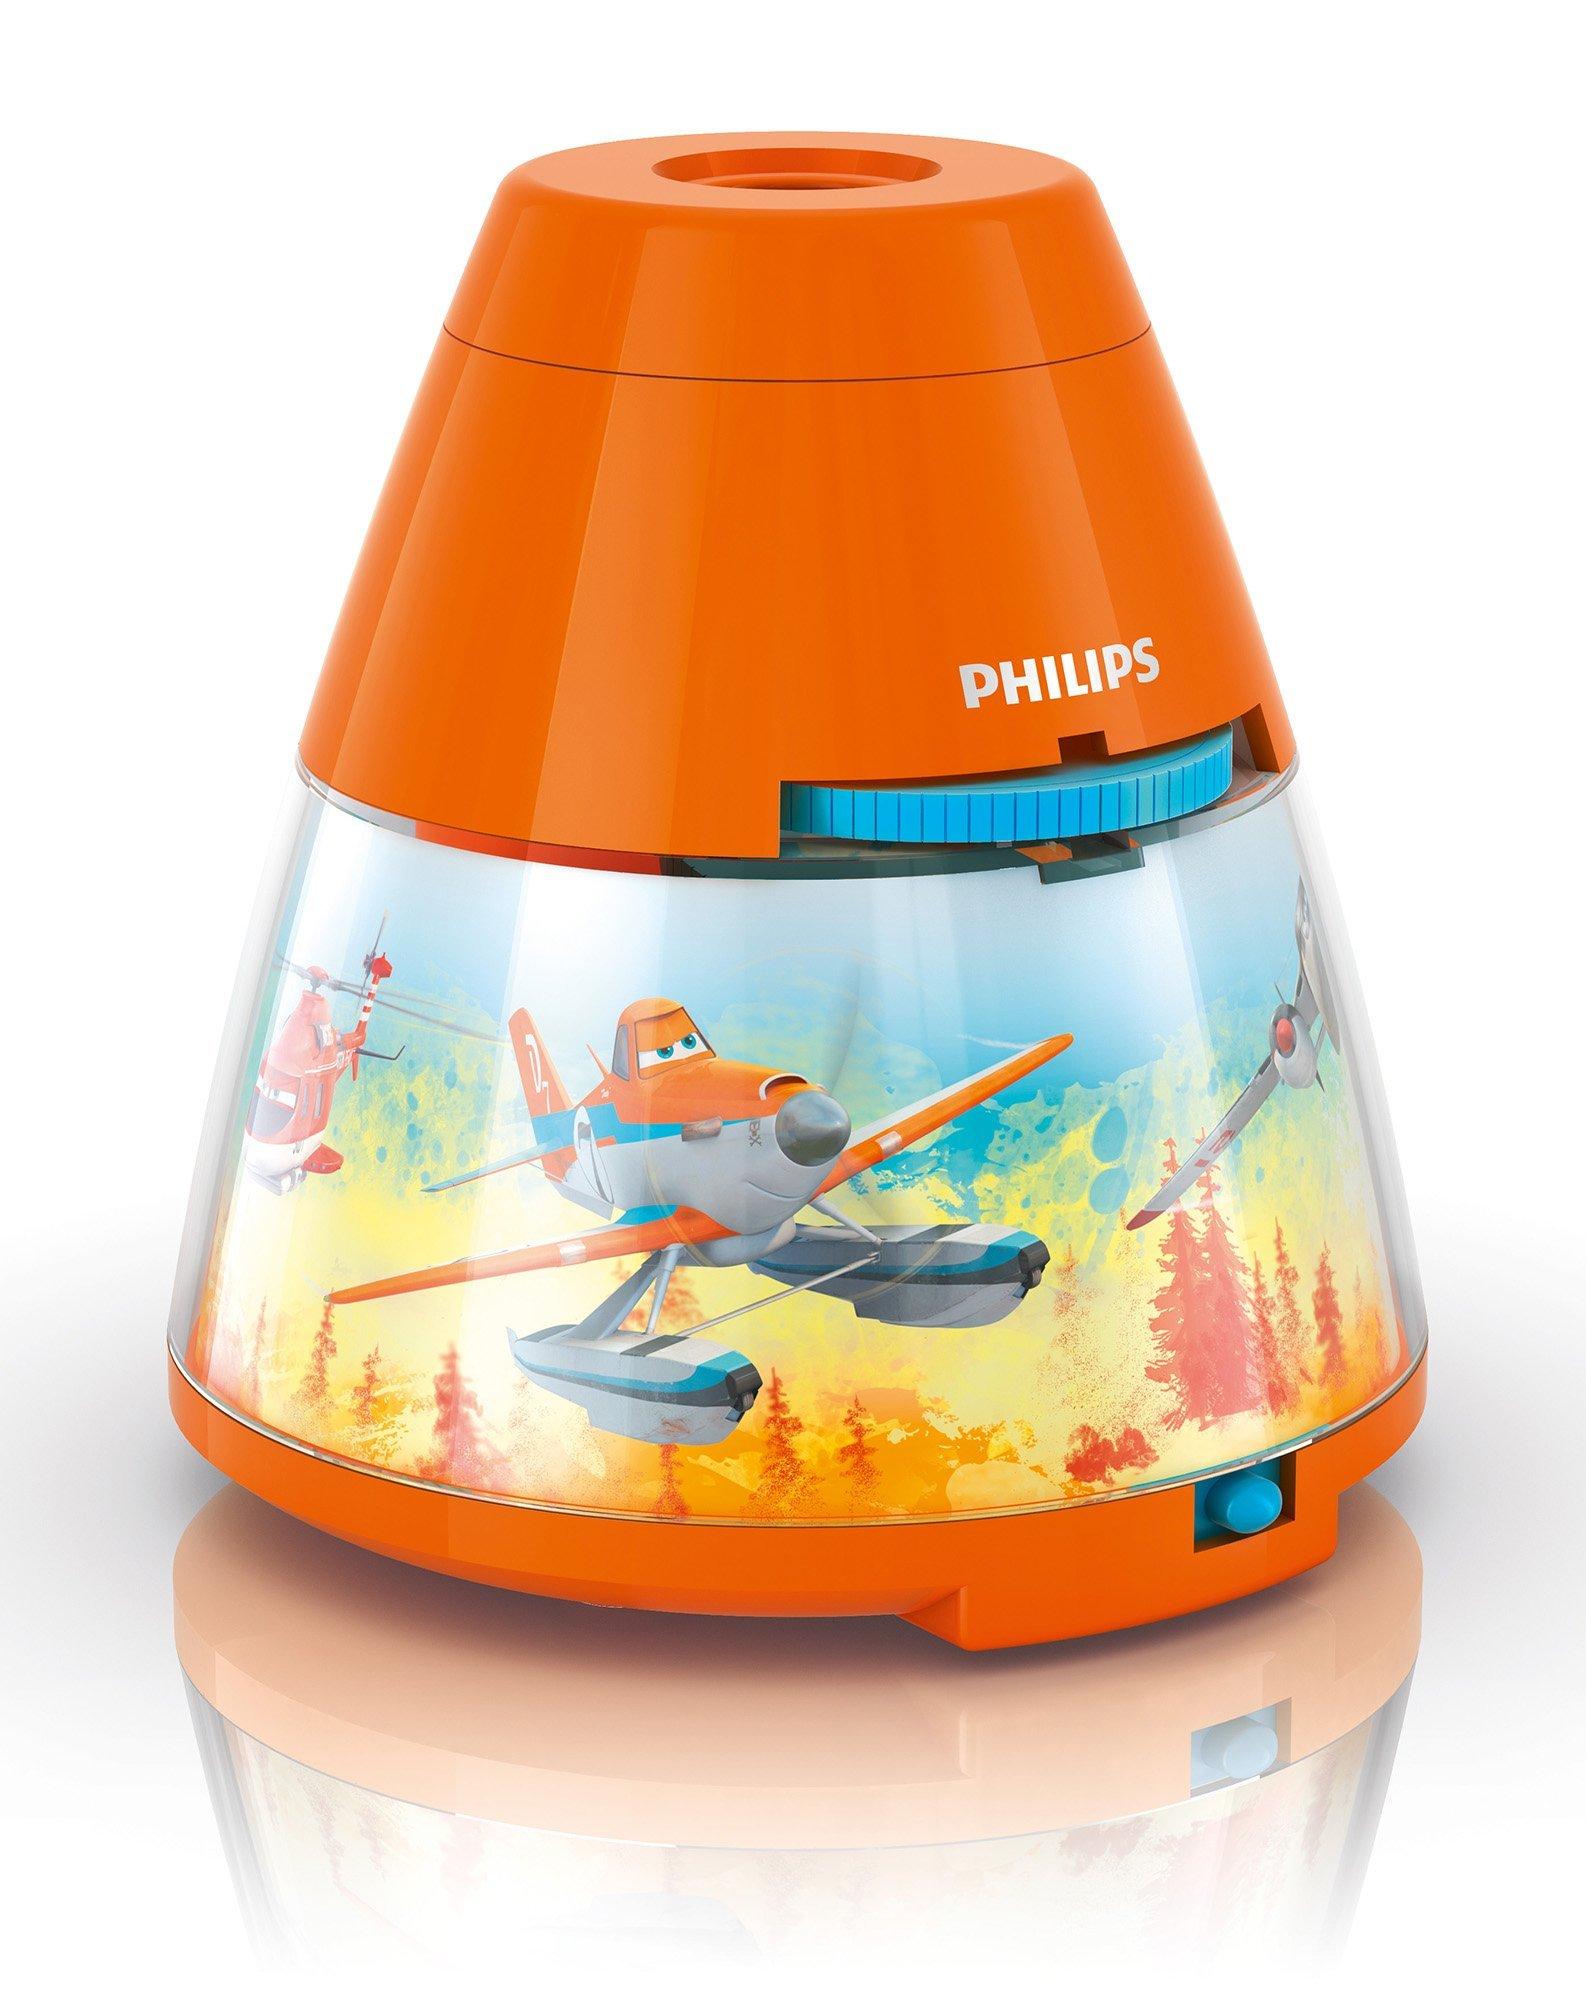 Philips Lighting 71769/53/16 Proyector y luz nocturna 2 en 1, Naranja